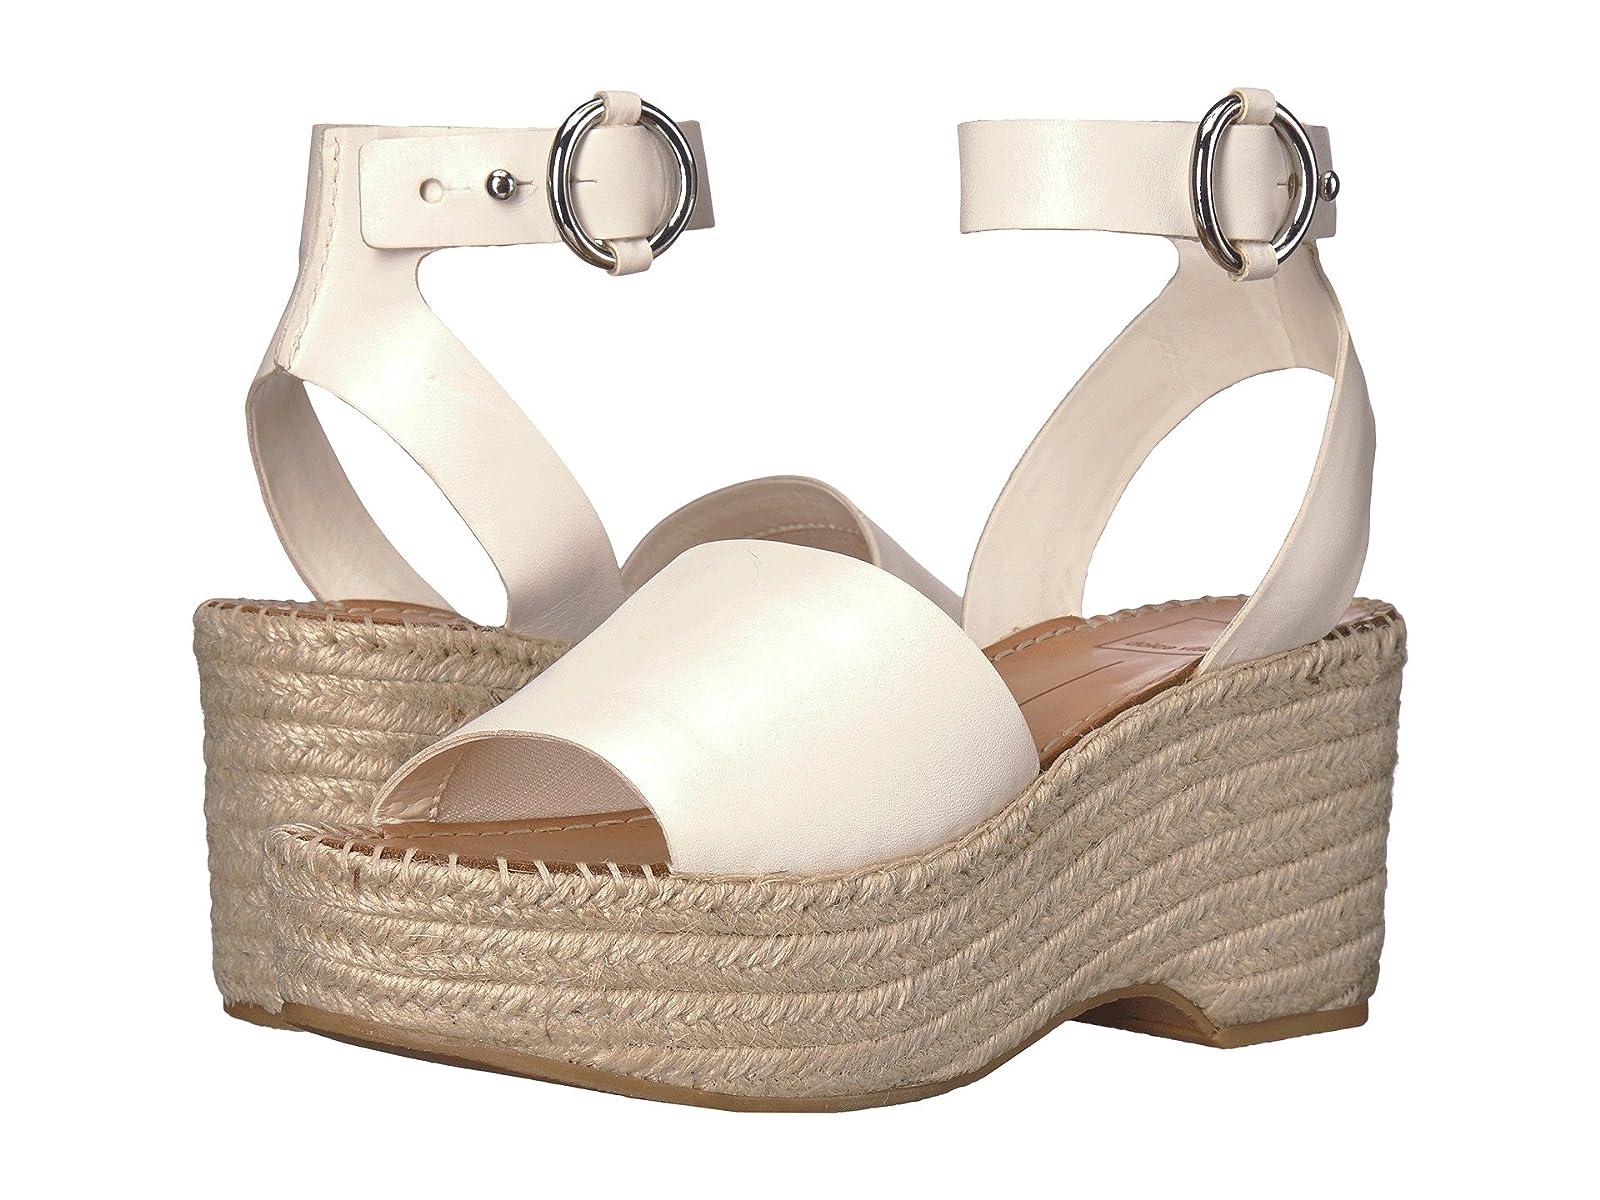 Dolce Vita LeslyAtmospheric grades have affordable shoes